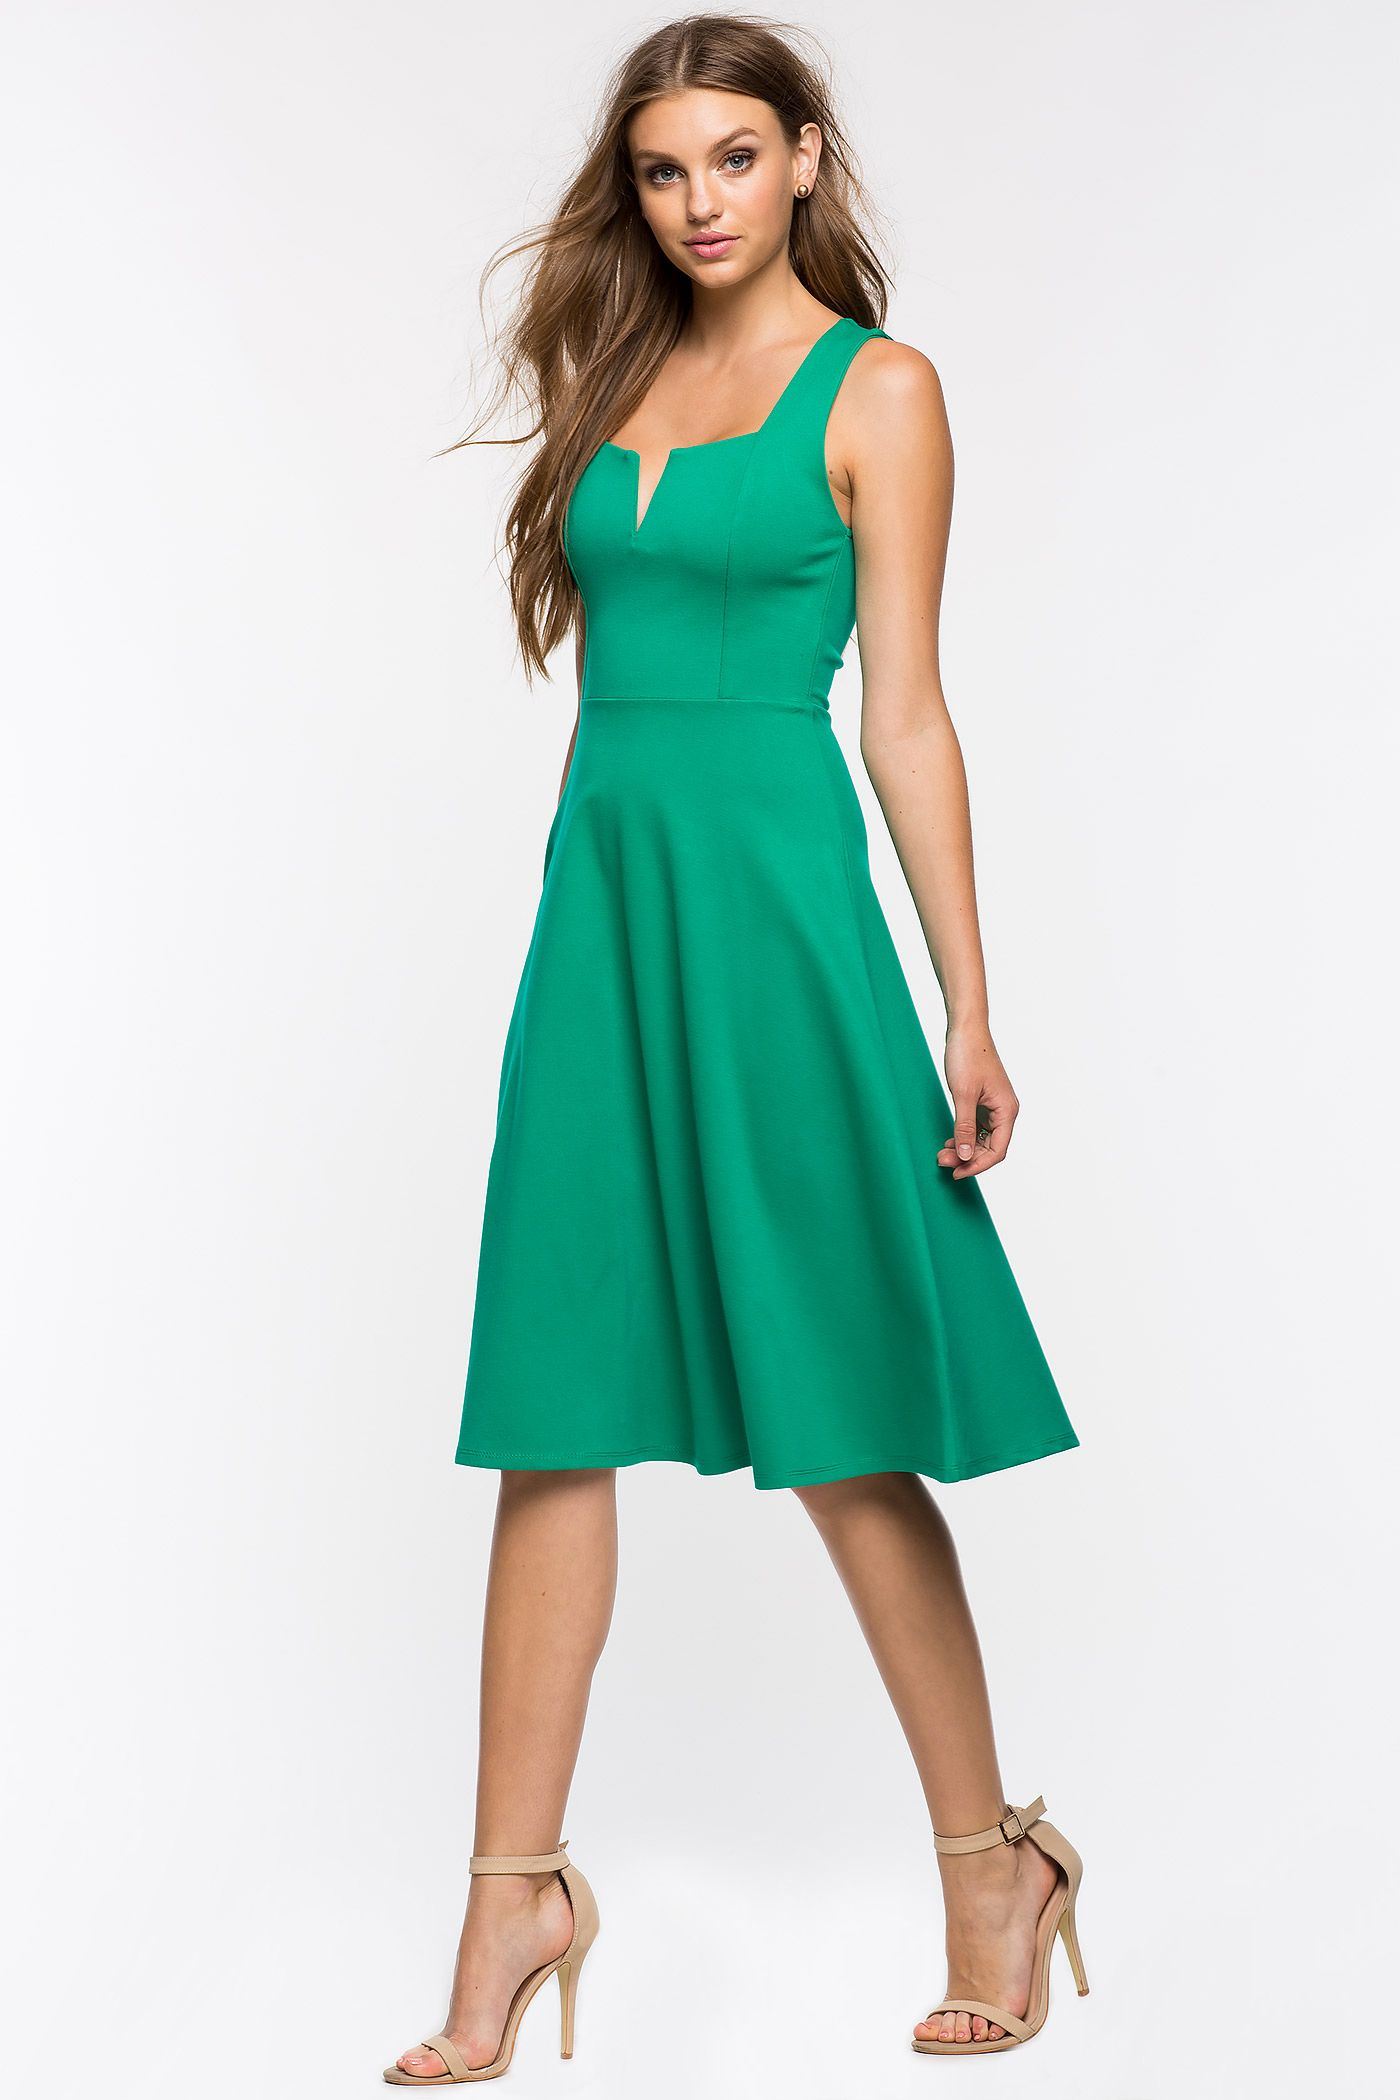 Women\'s Fit & Flare Dresses | Pretty Woman Midi Flare Dress | A\'GACI ...